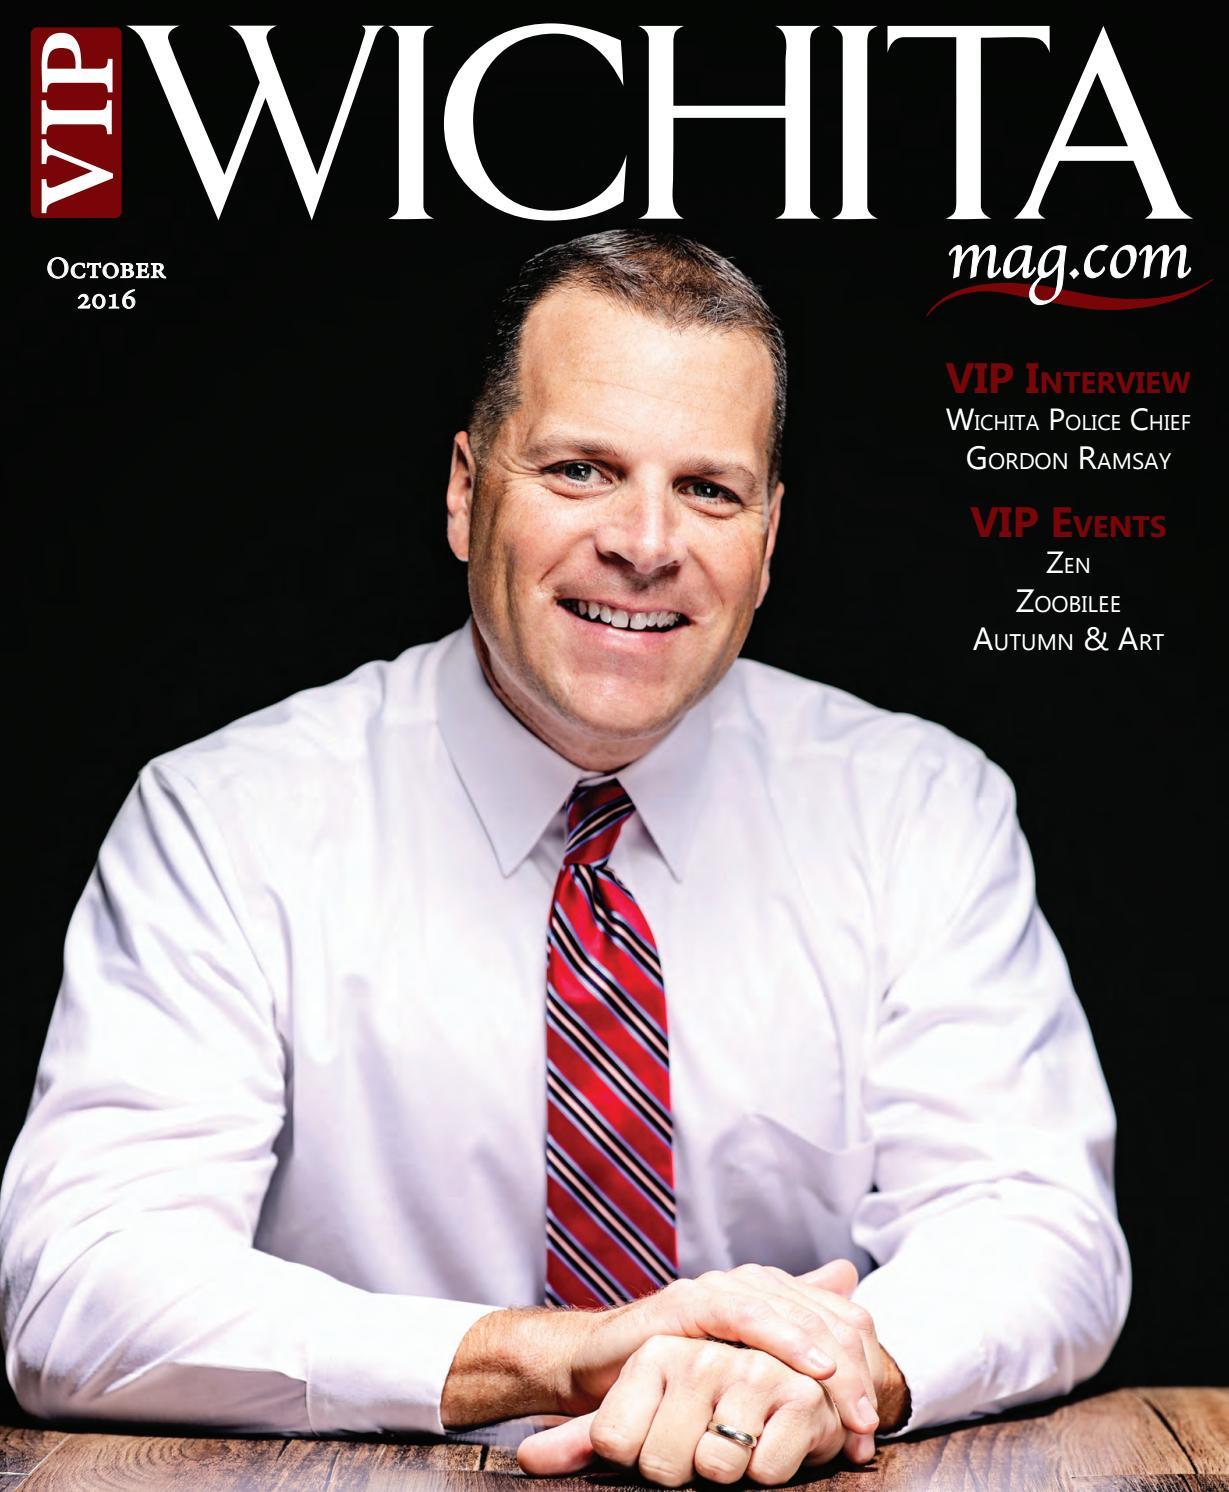 Vip Wichita Magazine October 2016 By Vip Wichita Magazine Issuu